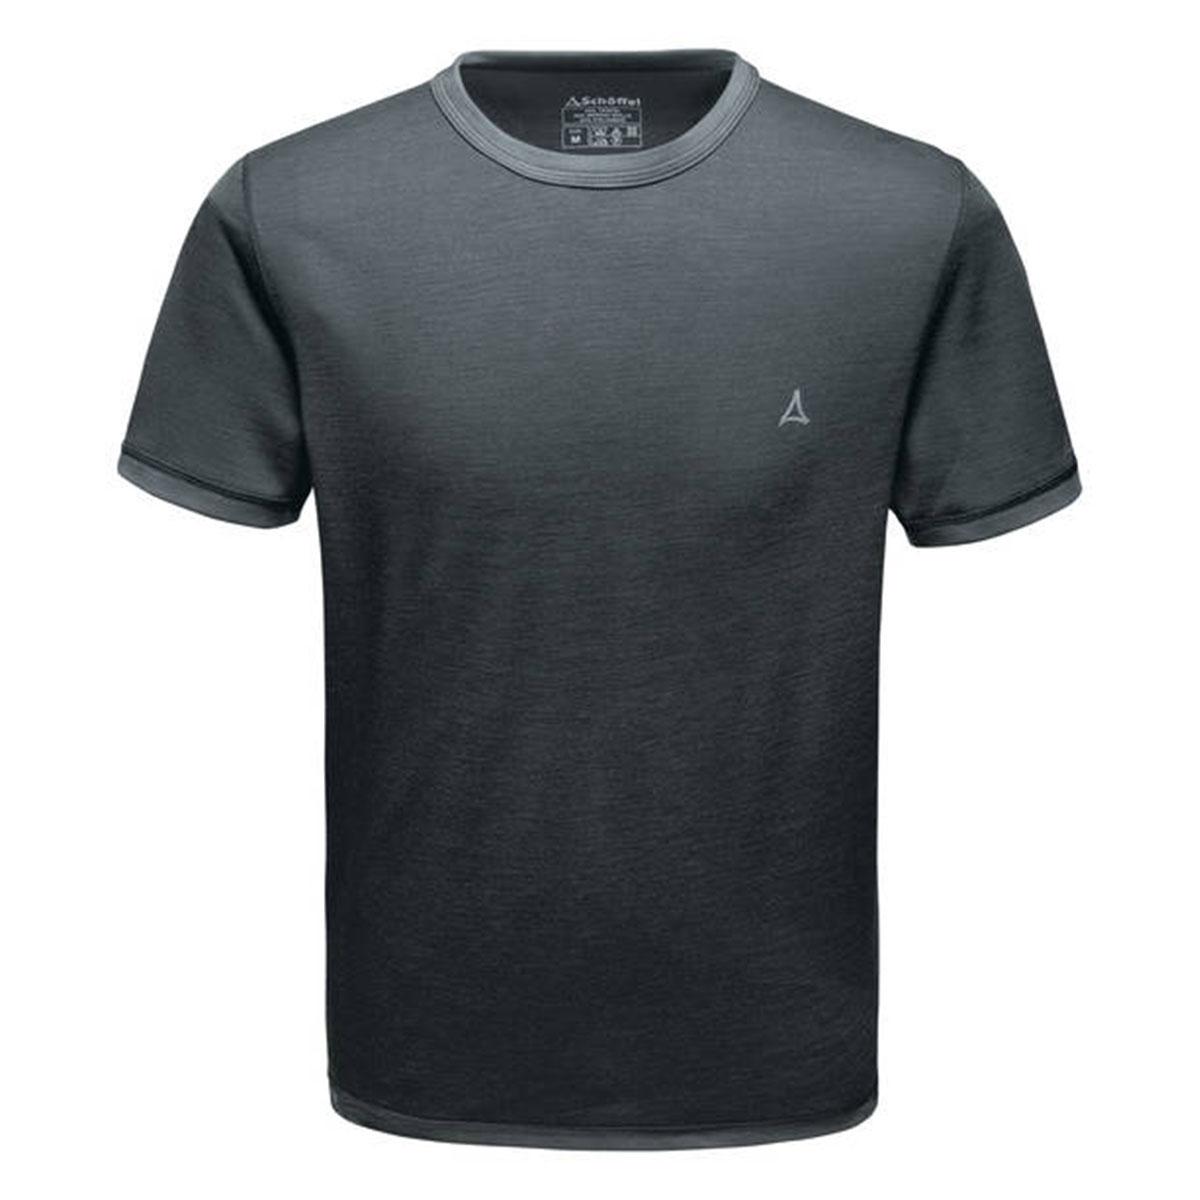 Schöffel Merino Sport Shirt Herren 1/2 Arm anthrazit